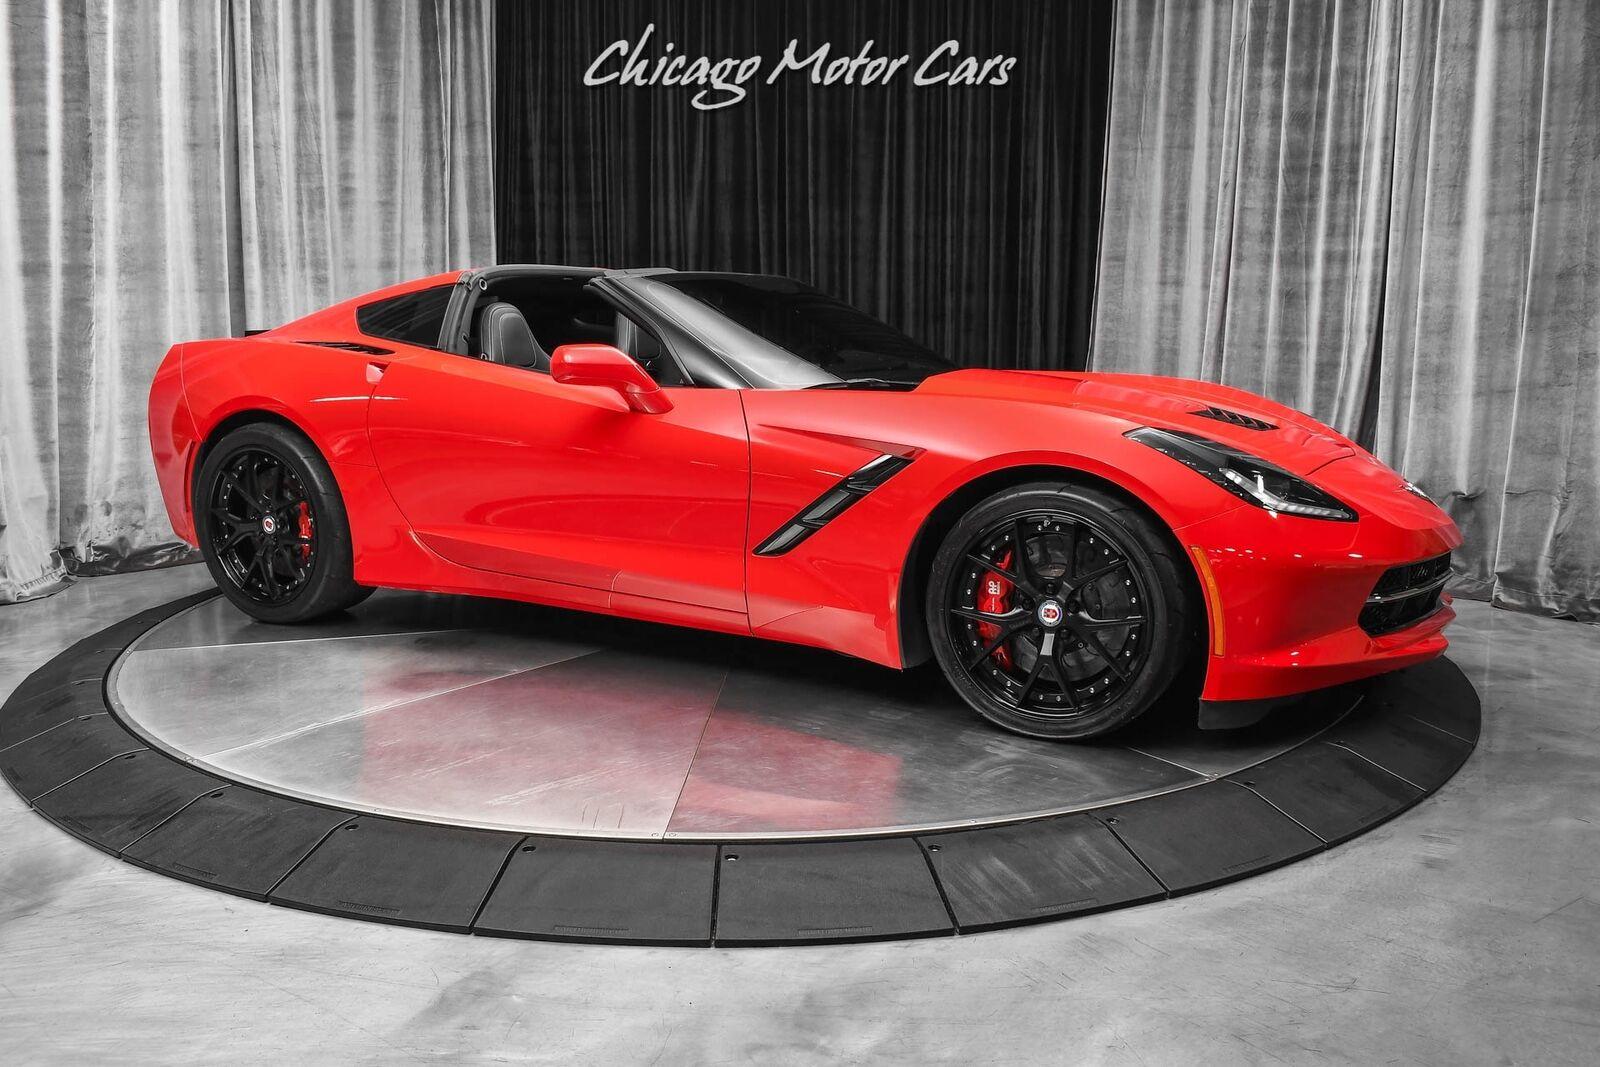 2014 Red Chevrolet Corvette Stingray 2LT | C7 Corvette Photo 6